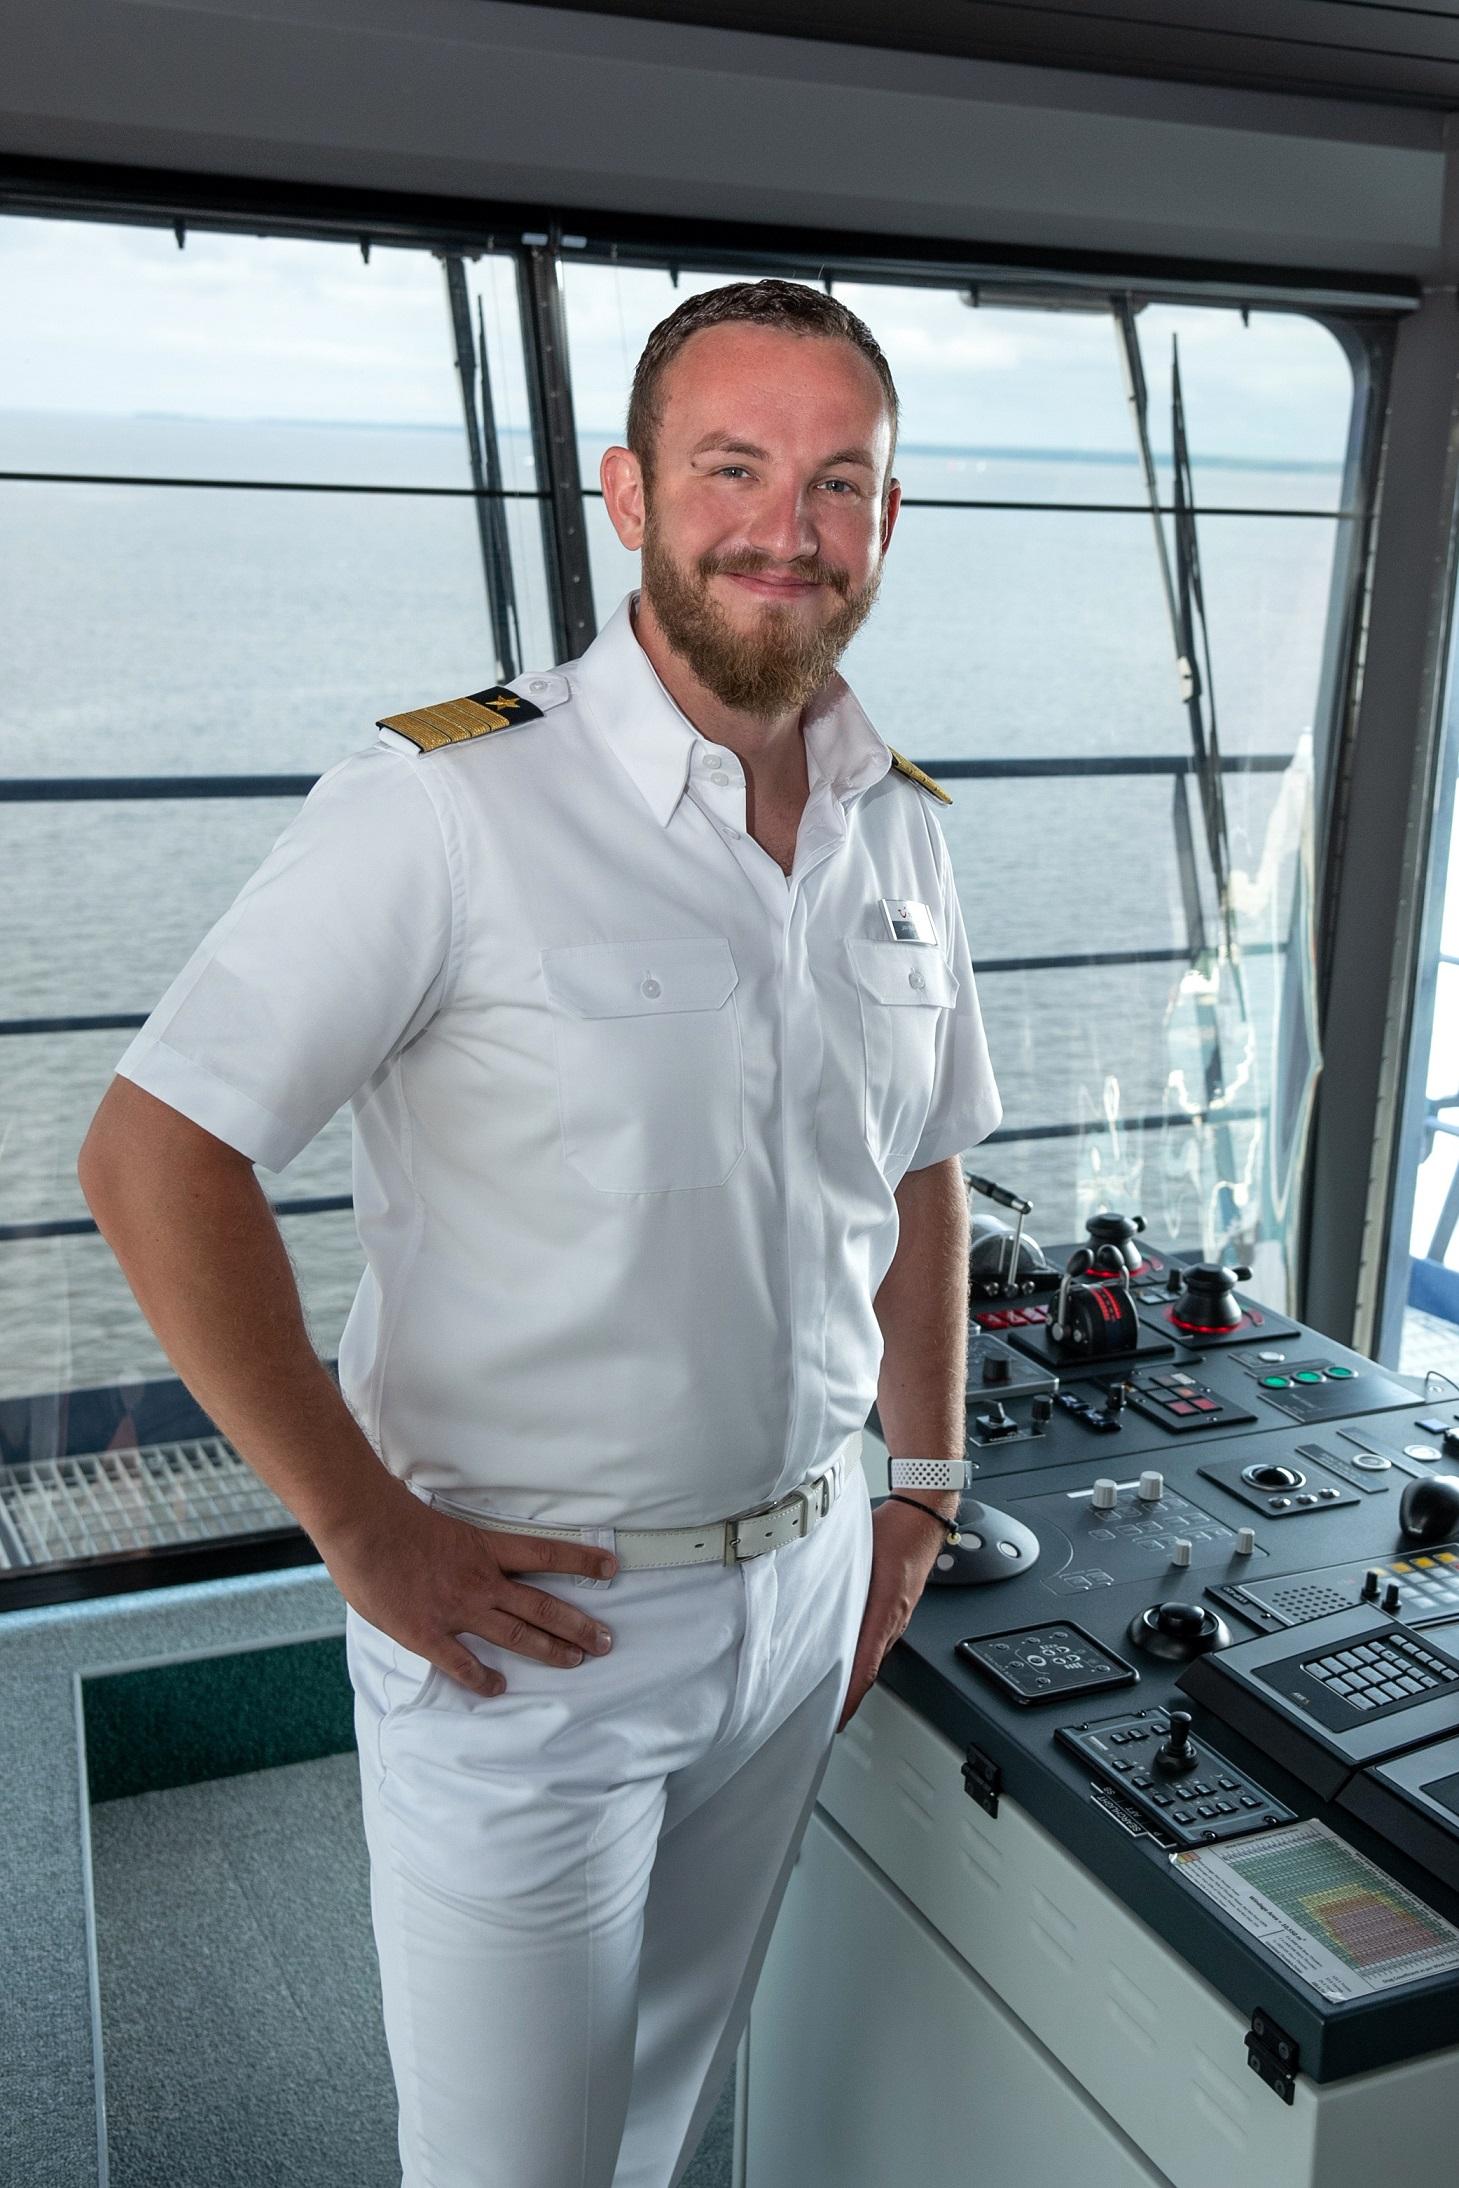 Kapitän Jan Fortun auf der Brücke